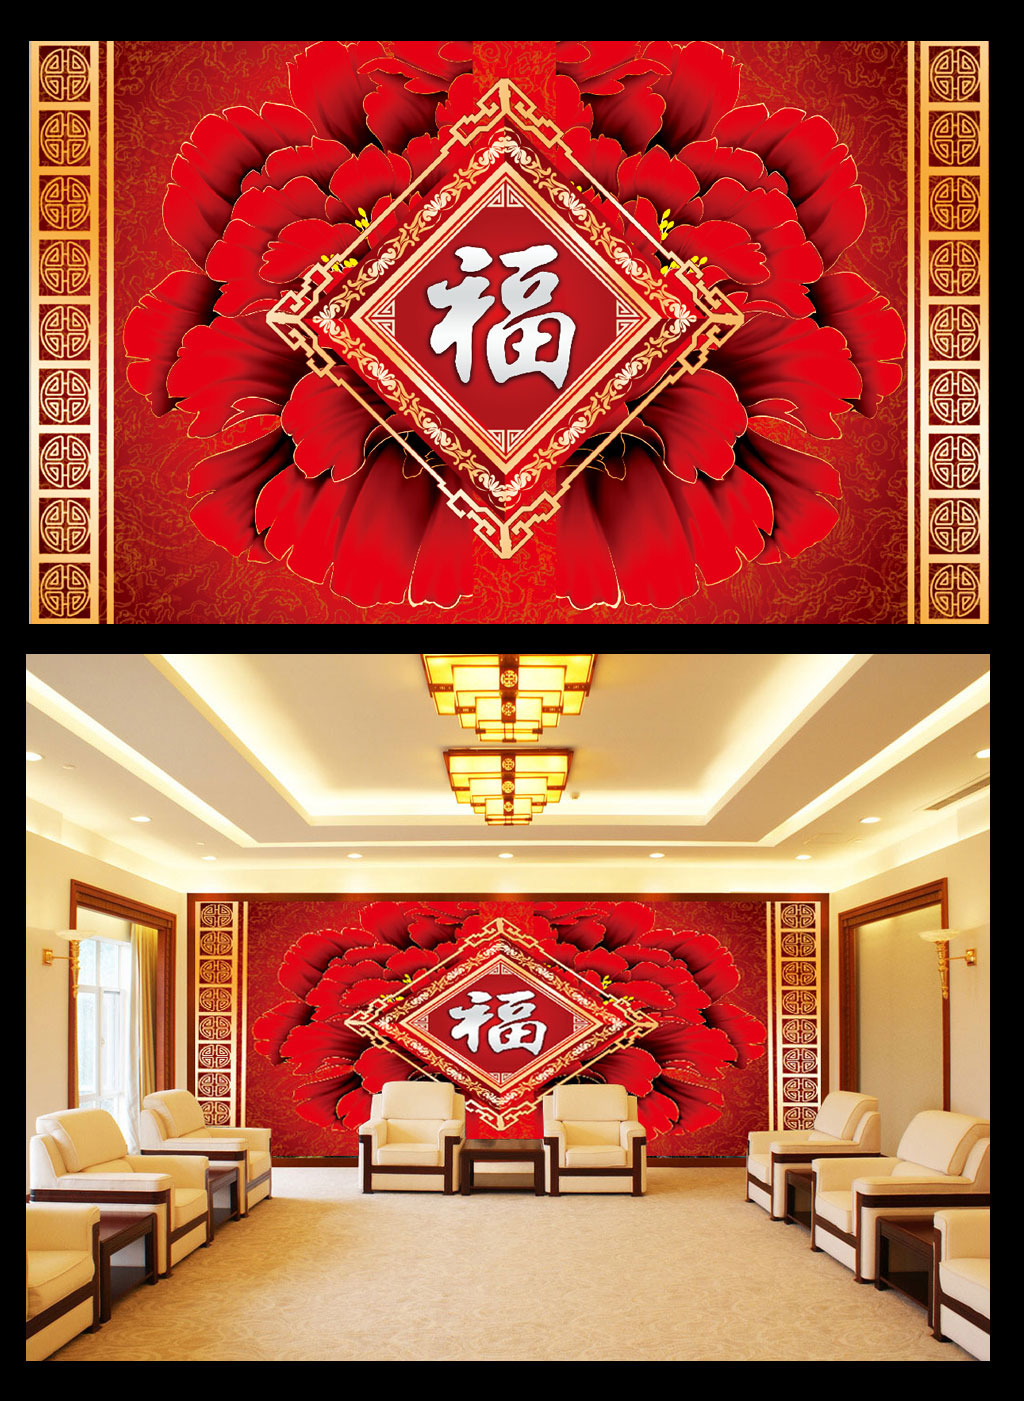 福字喜庆中式风格电视背景墙装饰画图片